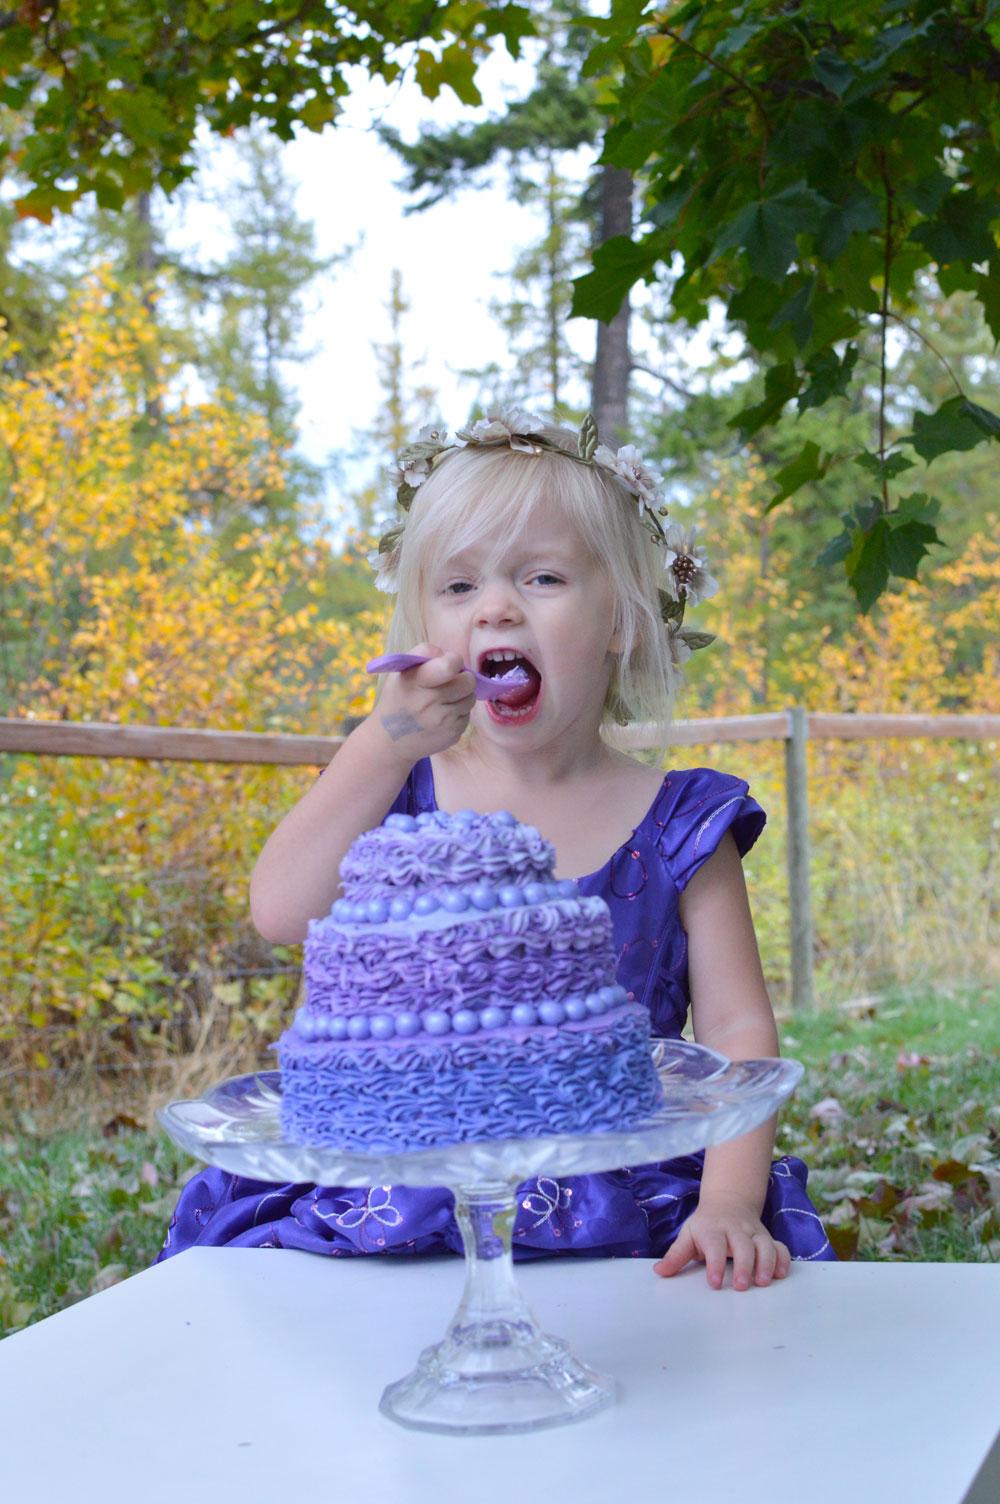 Princess birthday party dress cake smash photos